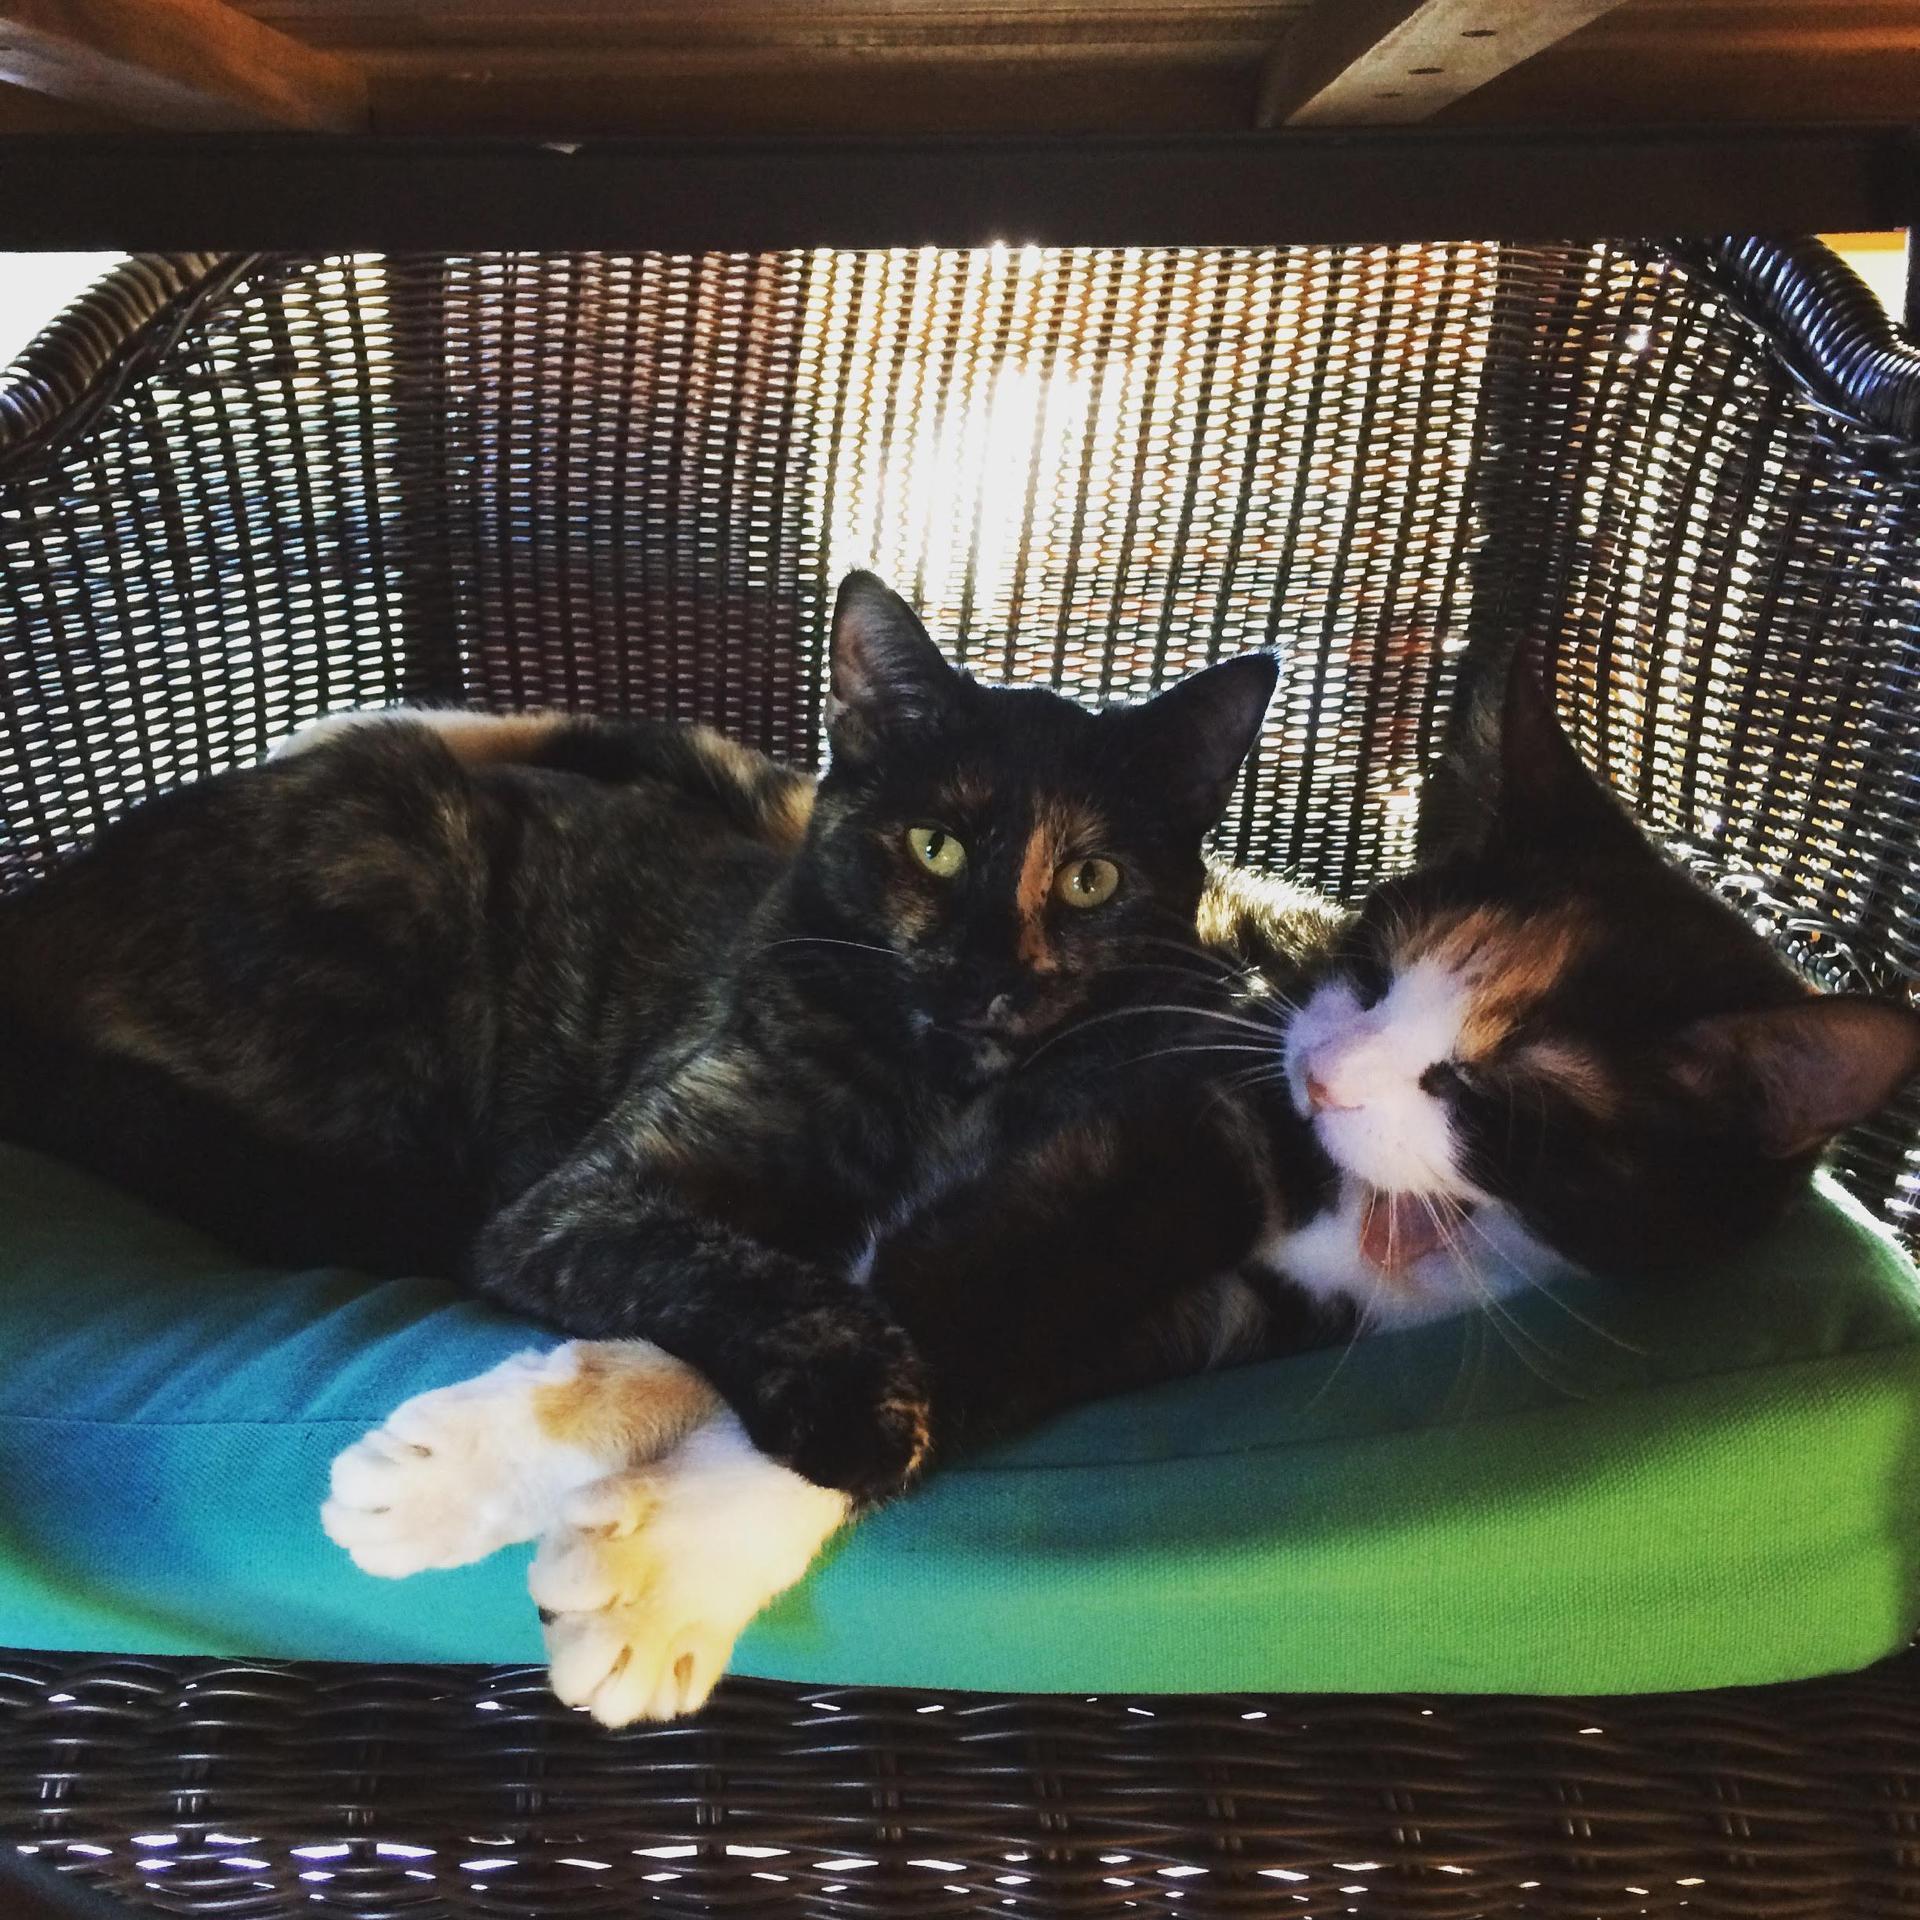 Phoebe & Daisy